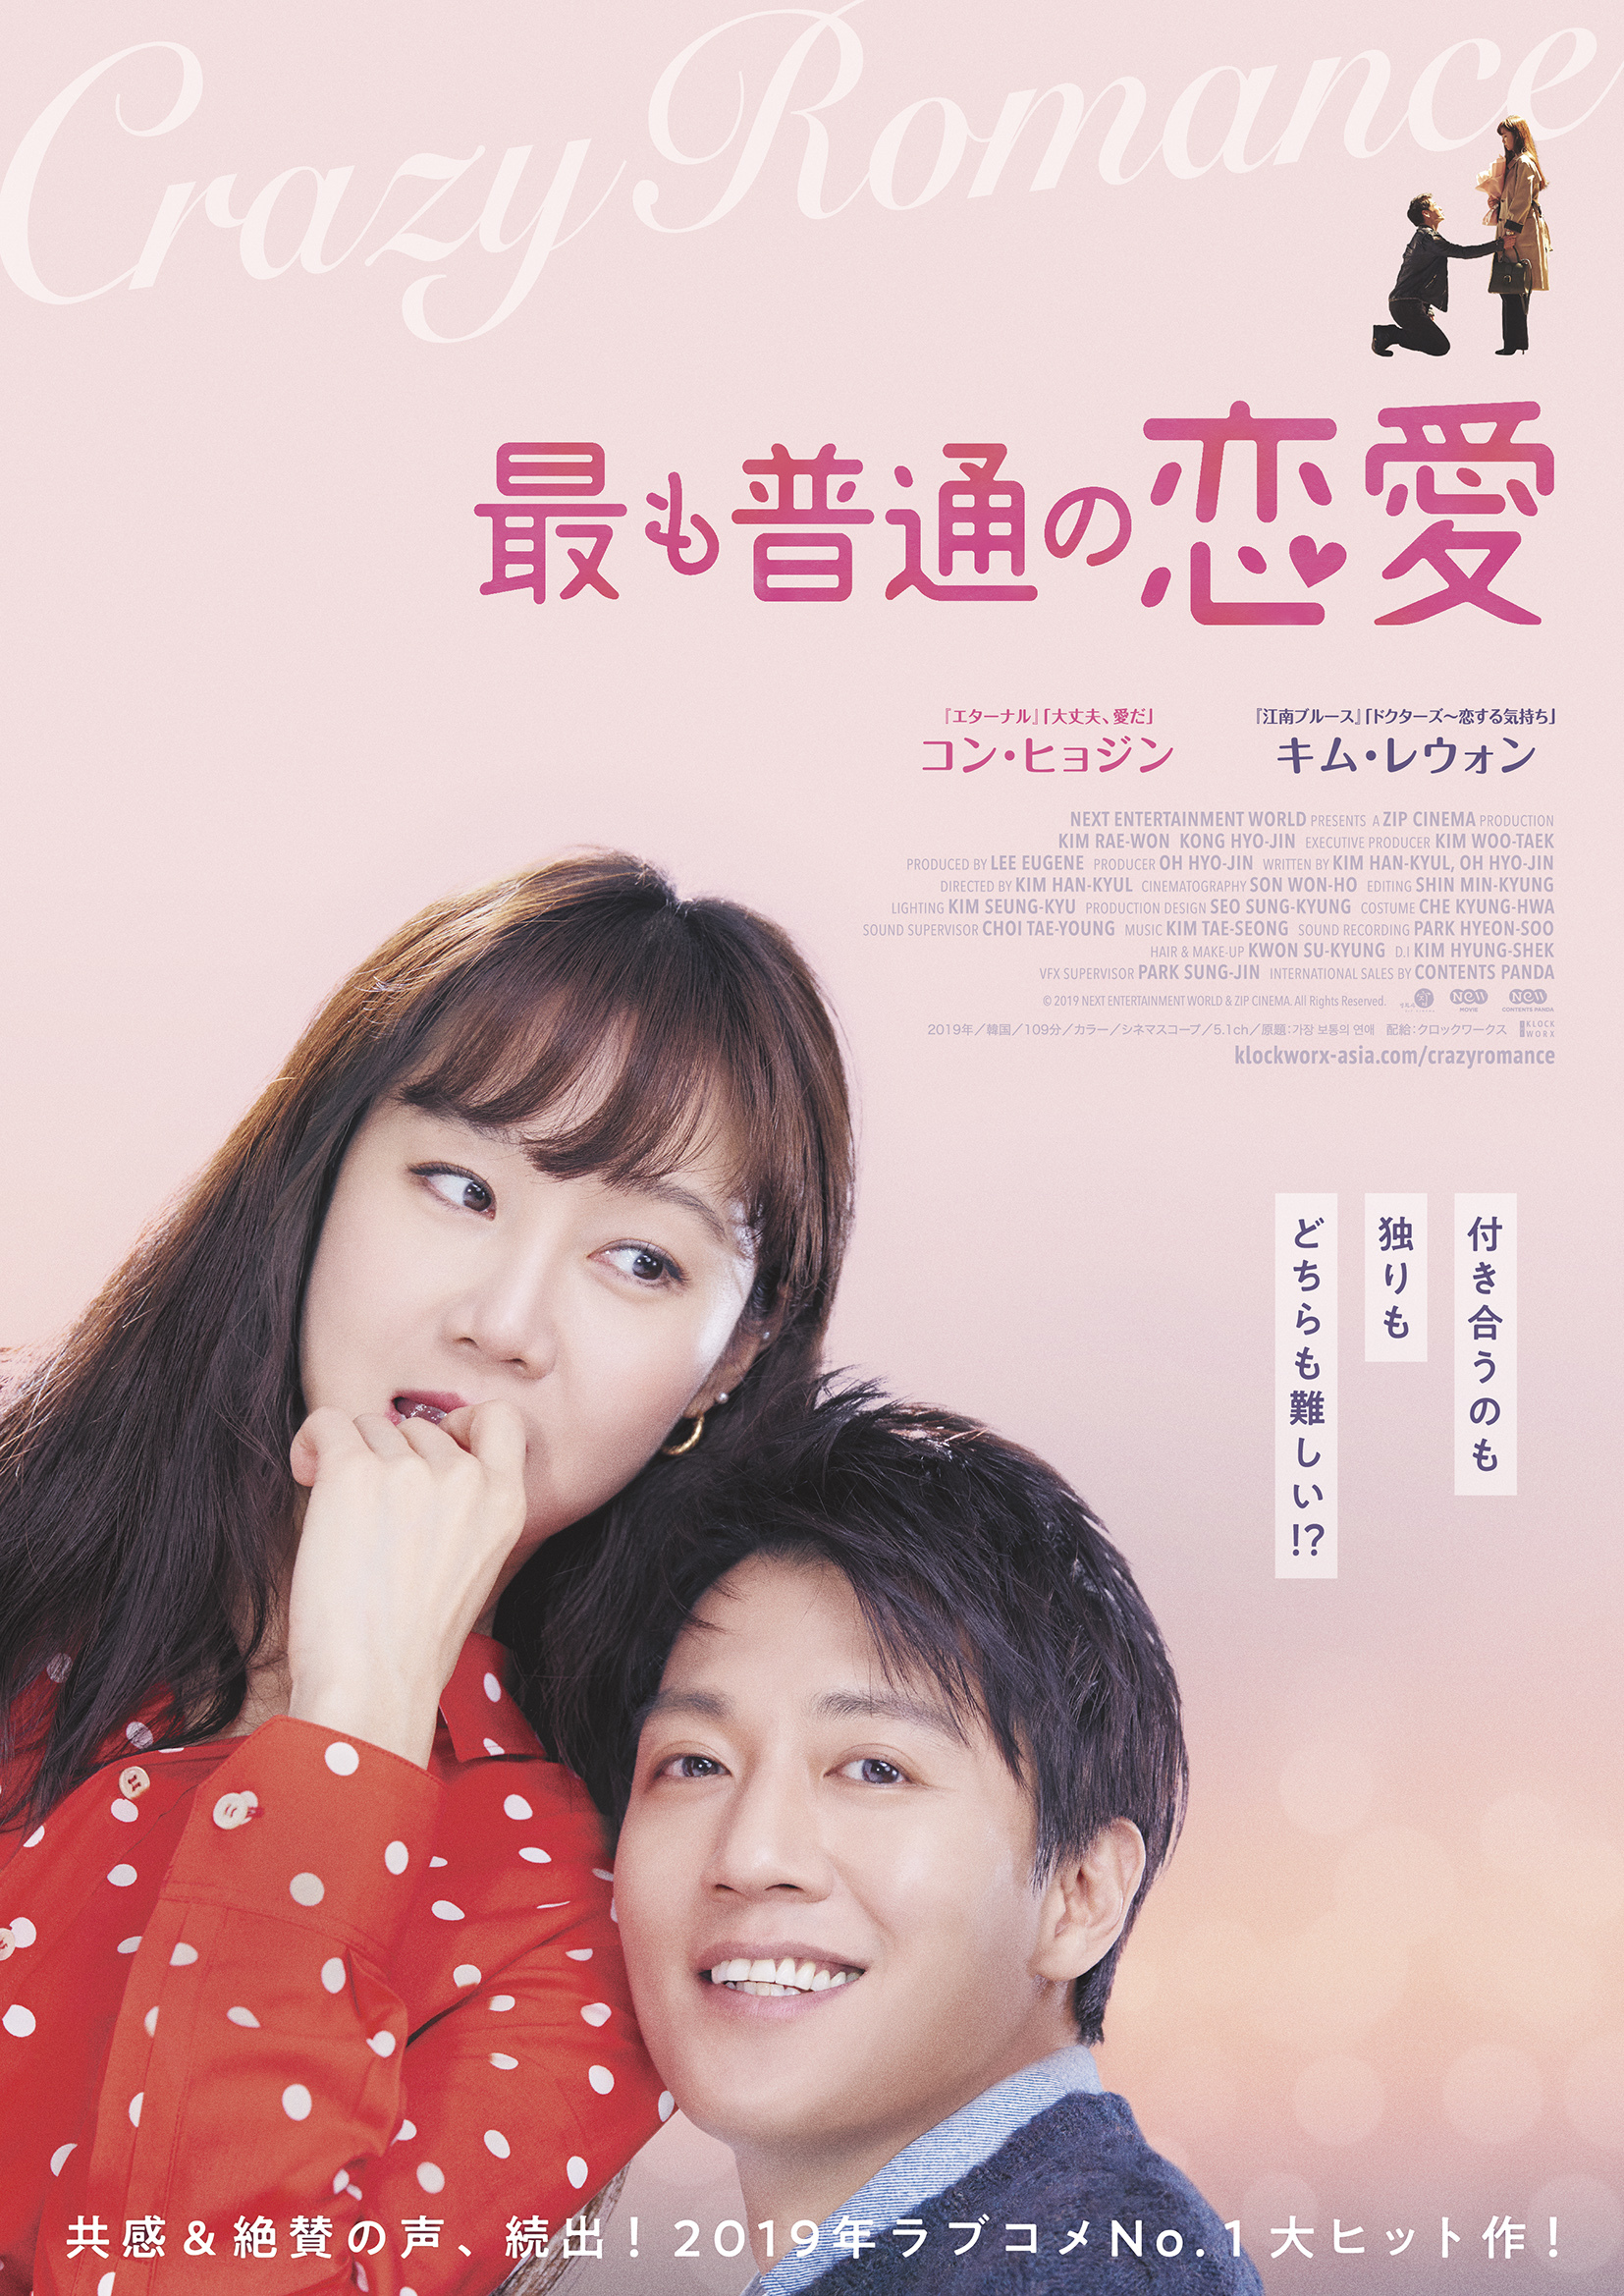 「サイコだけど大丈夫」、『最も普通の恋愛』も! この夏観るべき韓流ドラマ&映画はこれ_1_4